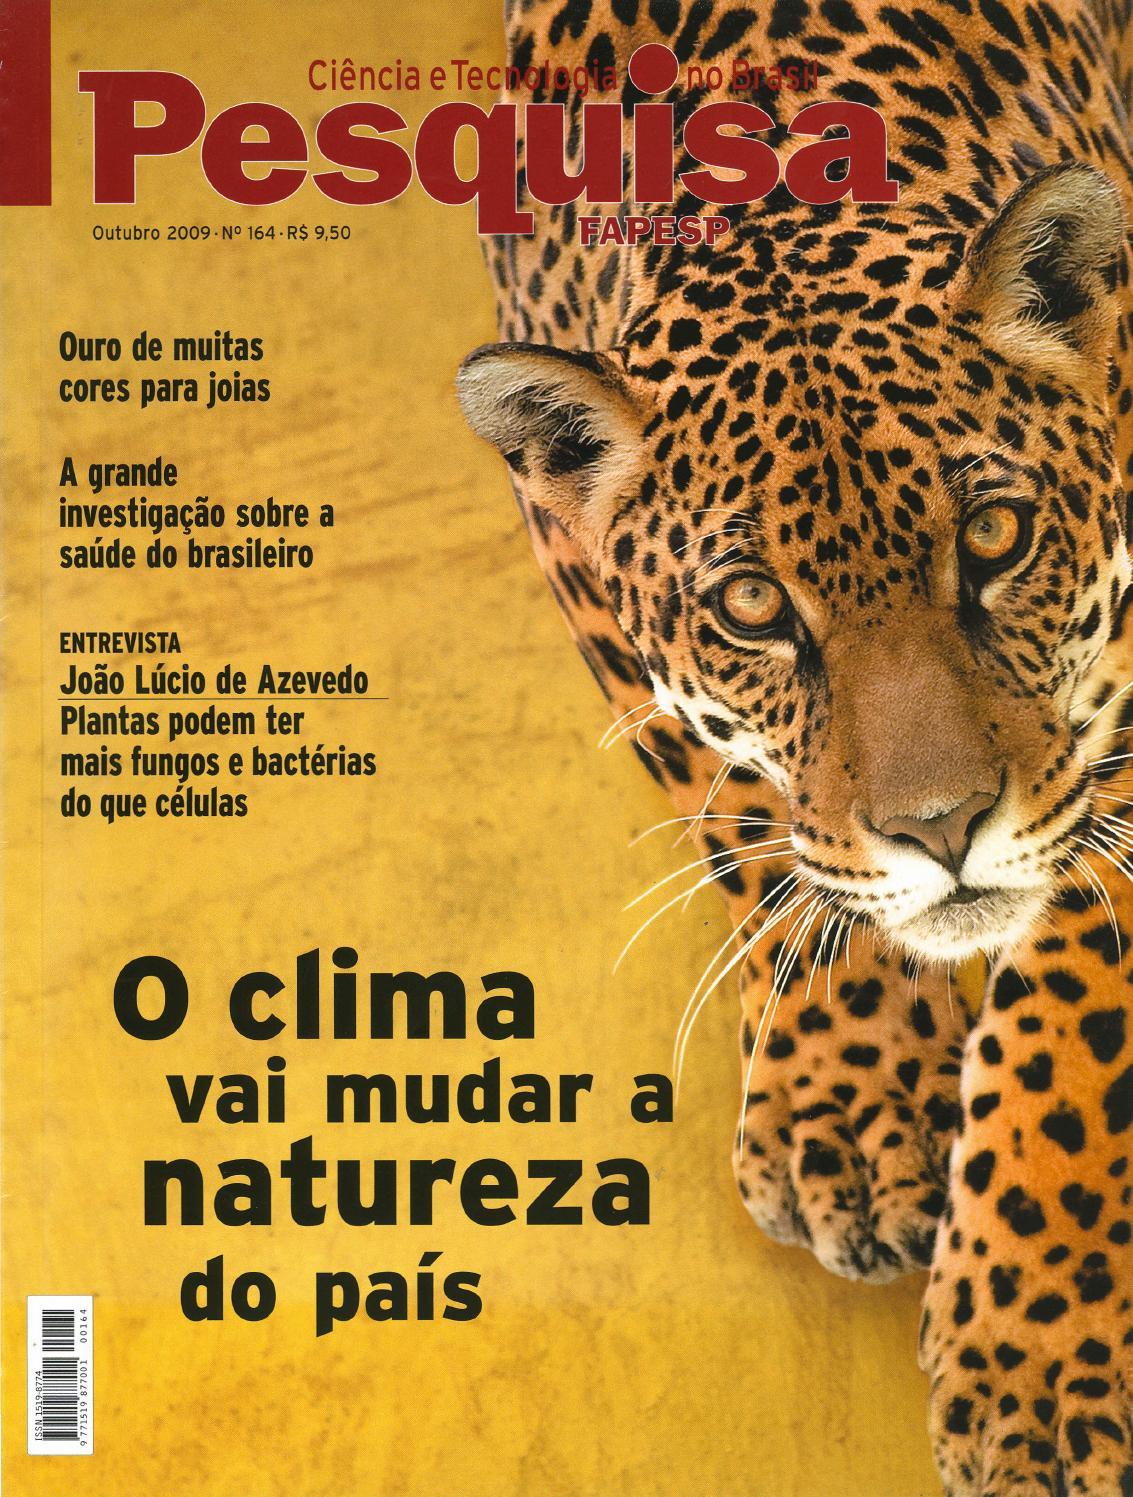 O clima vai mudar a natureza do país by Pesquisa Fapesp - issuu 3947556fb3